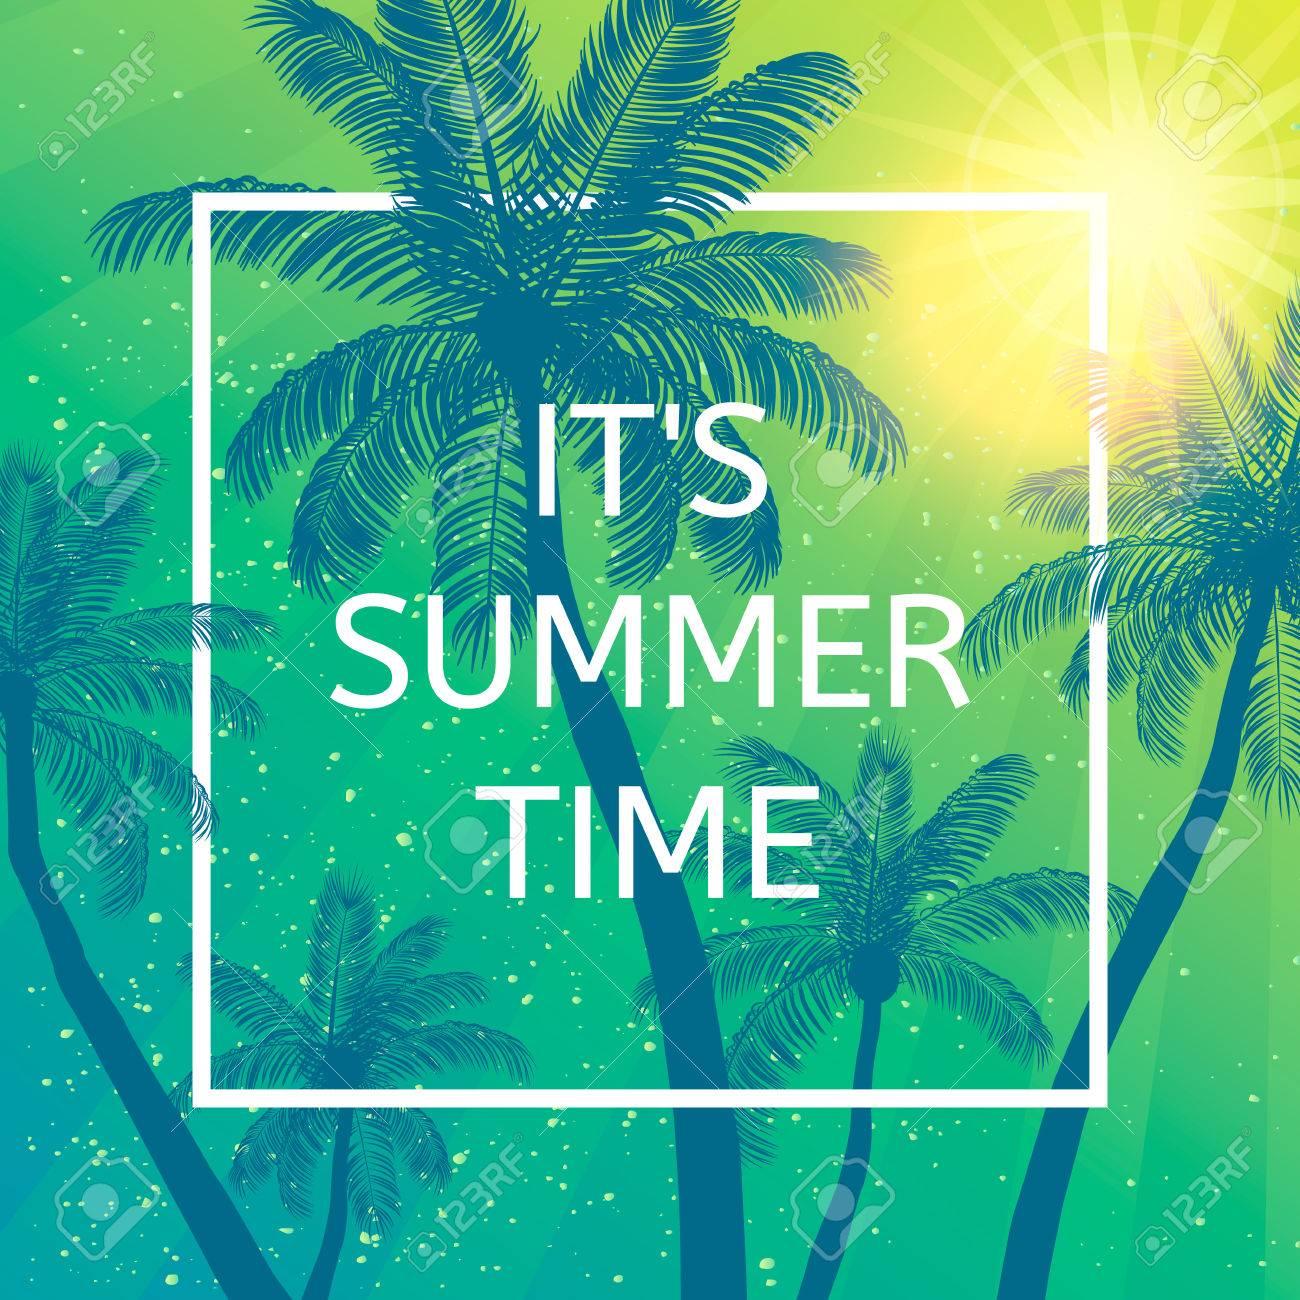 Précisions sur l'horaire d'été